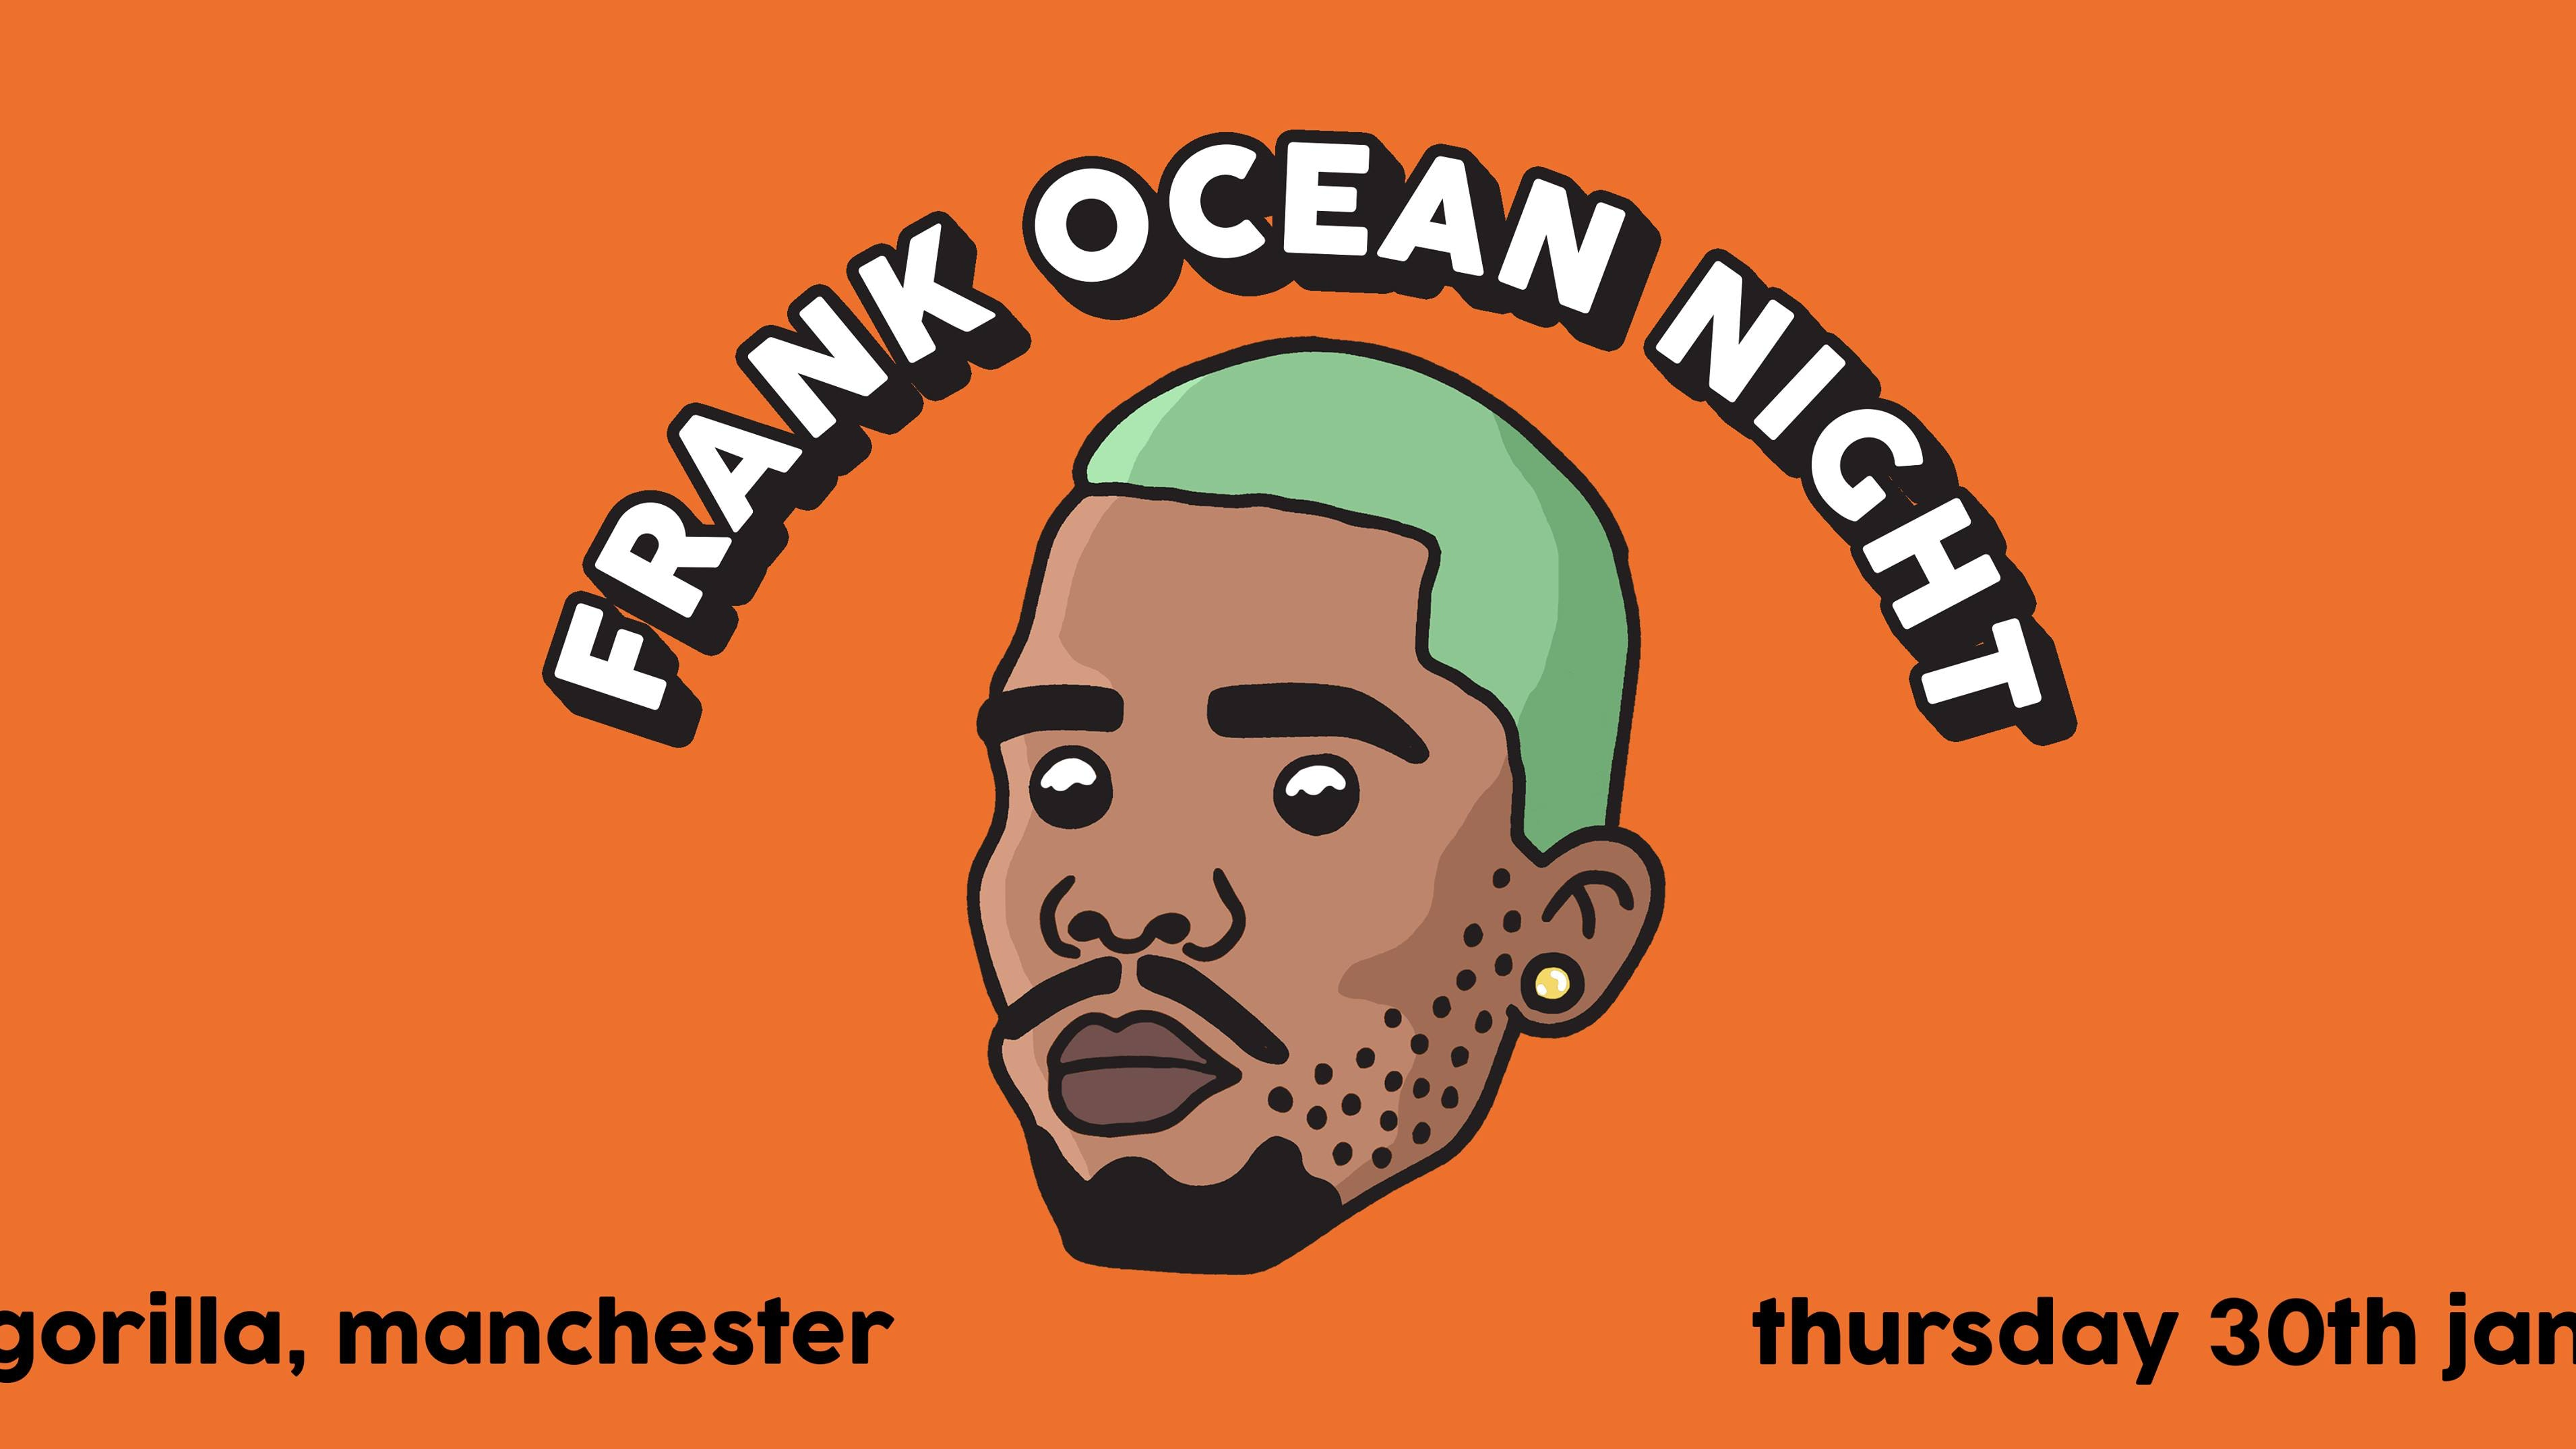 Frank Ocean Night